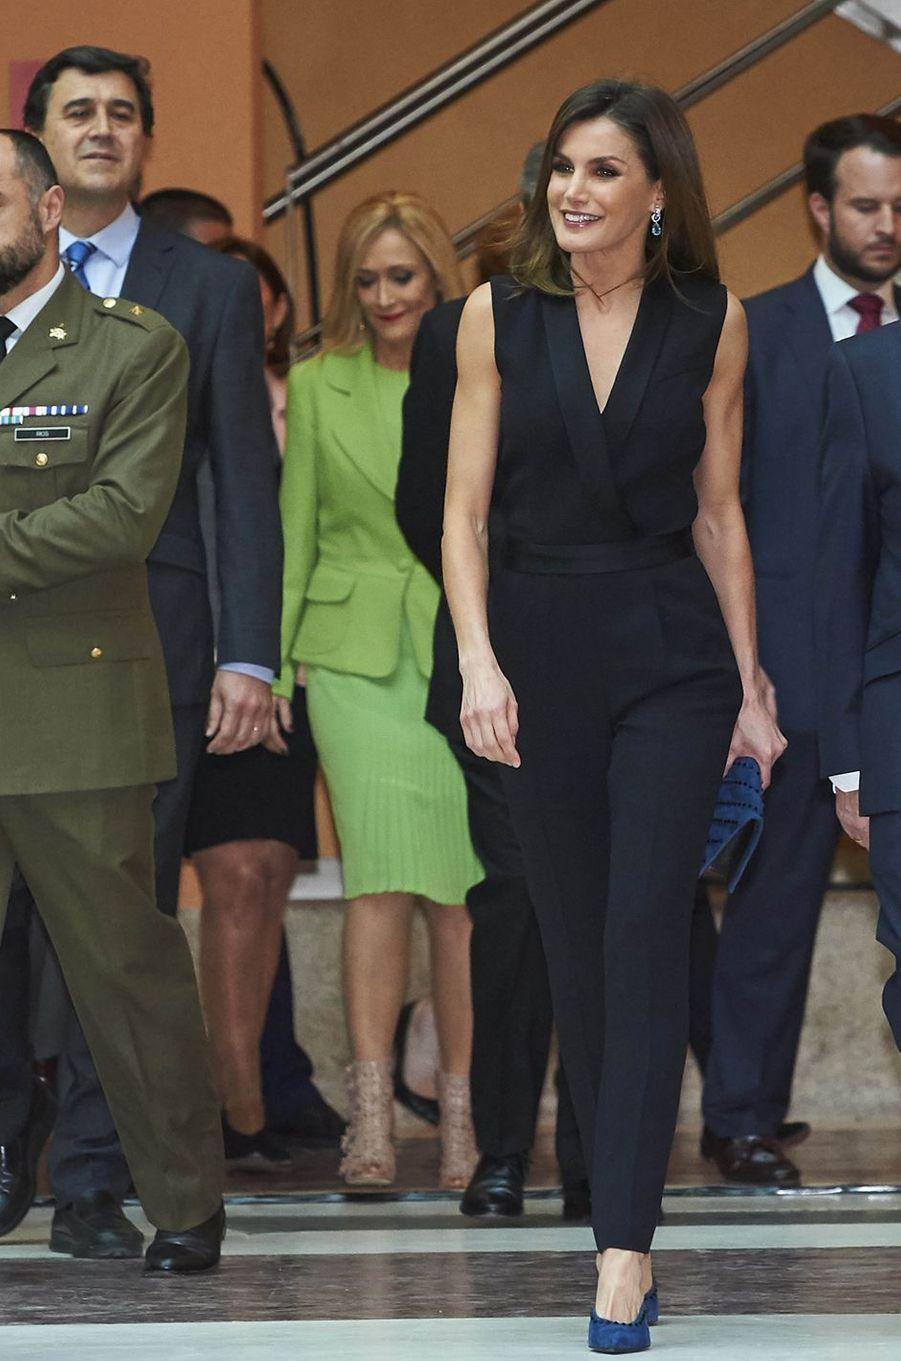 La reine Letizia d'Espagne à Madrid, le 18 avril 2018